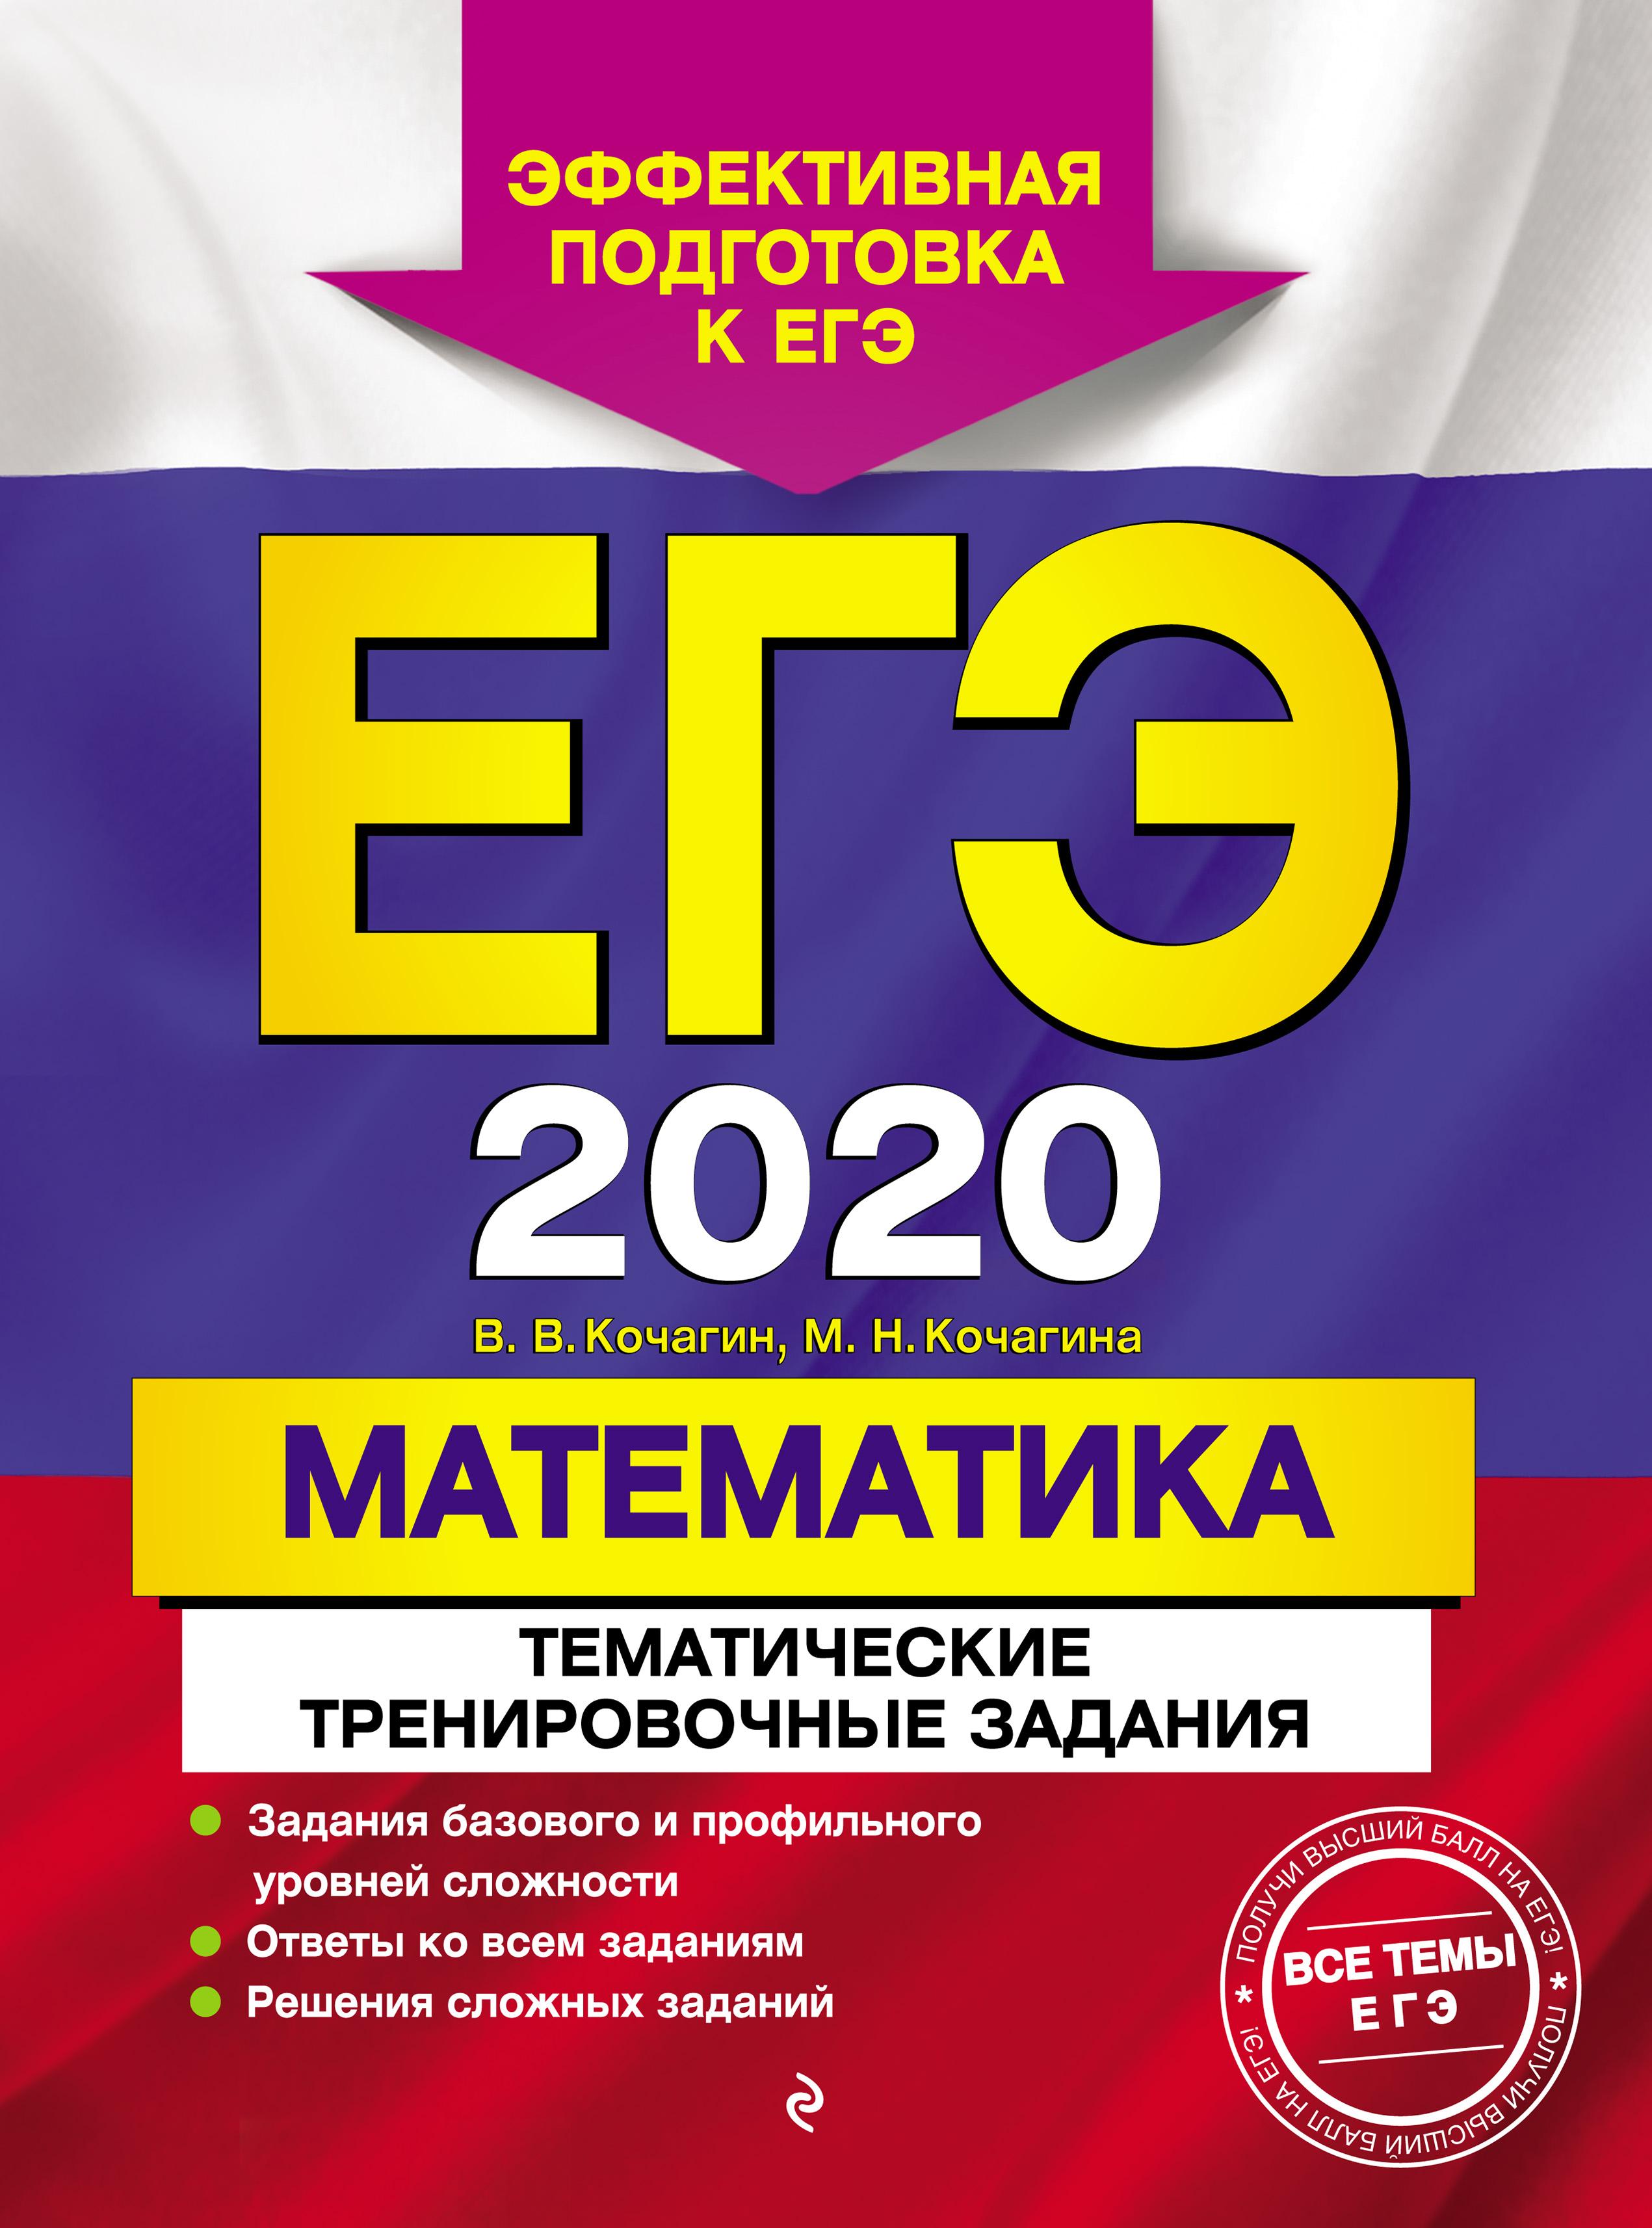 М. Н. Кочагина ЕГЭ-2020. Математика. Тематические тренировочные задания